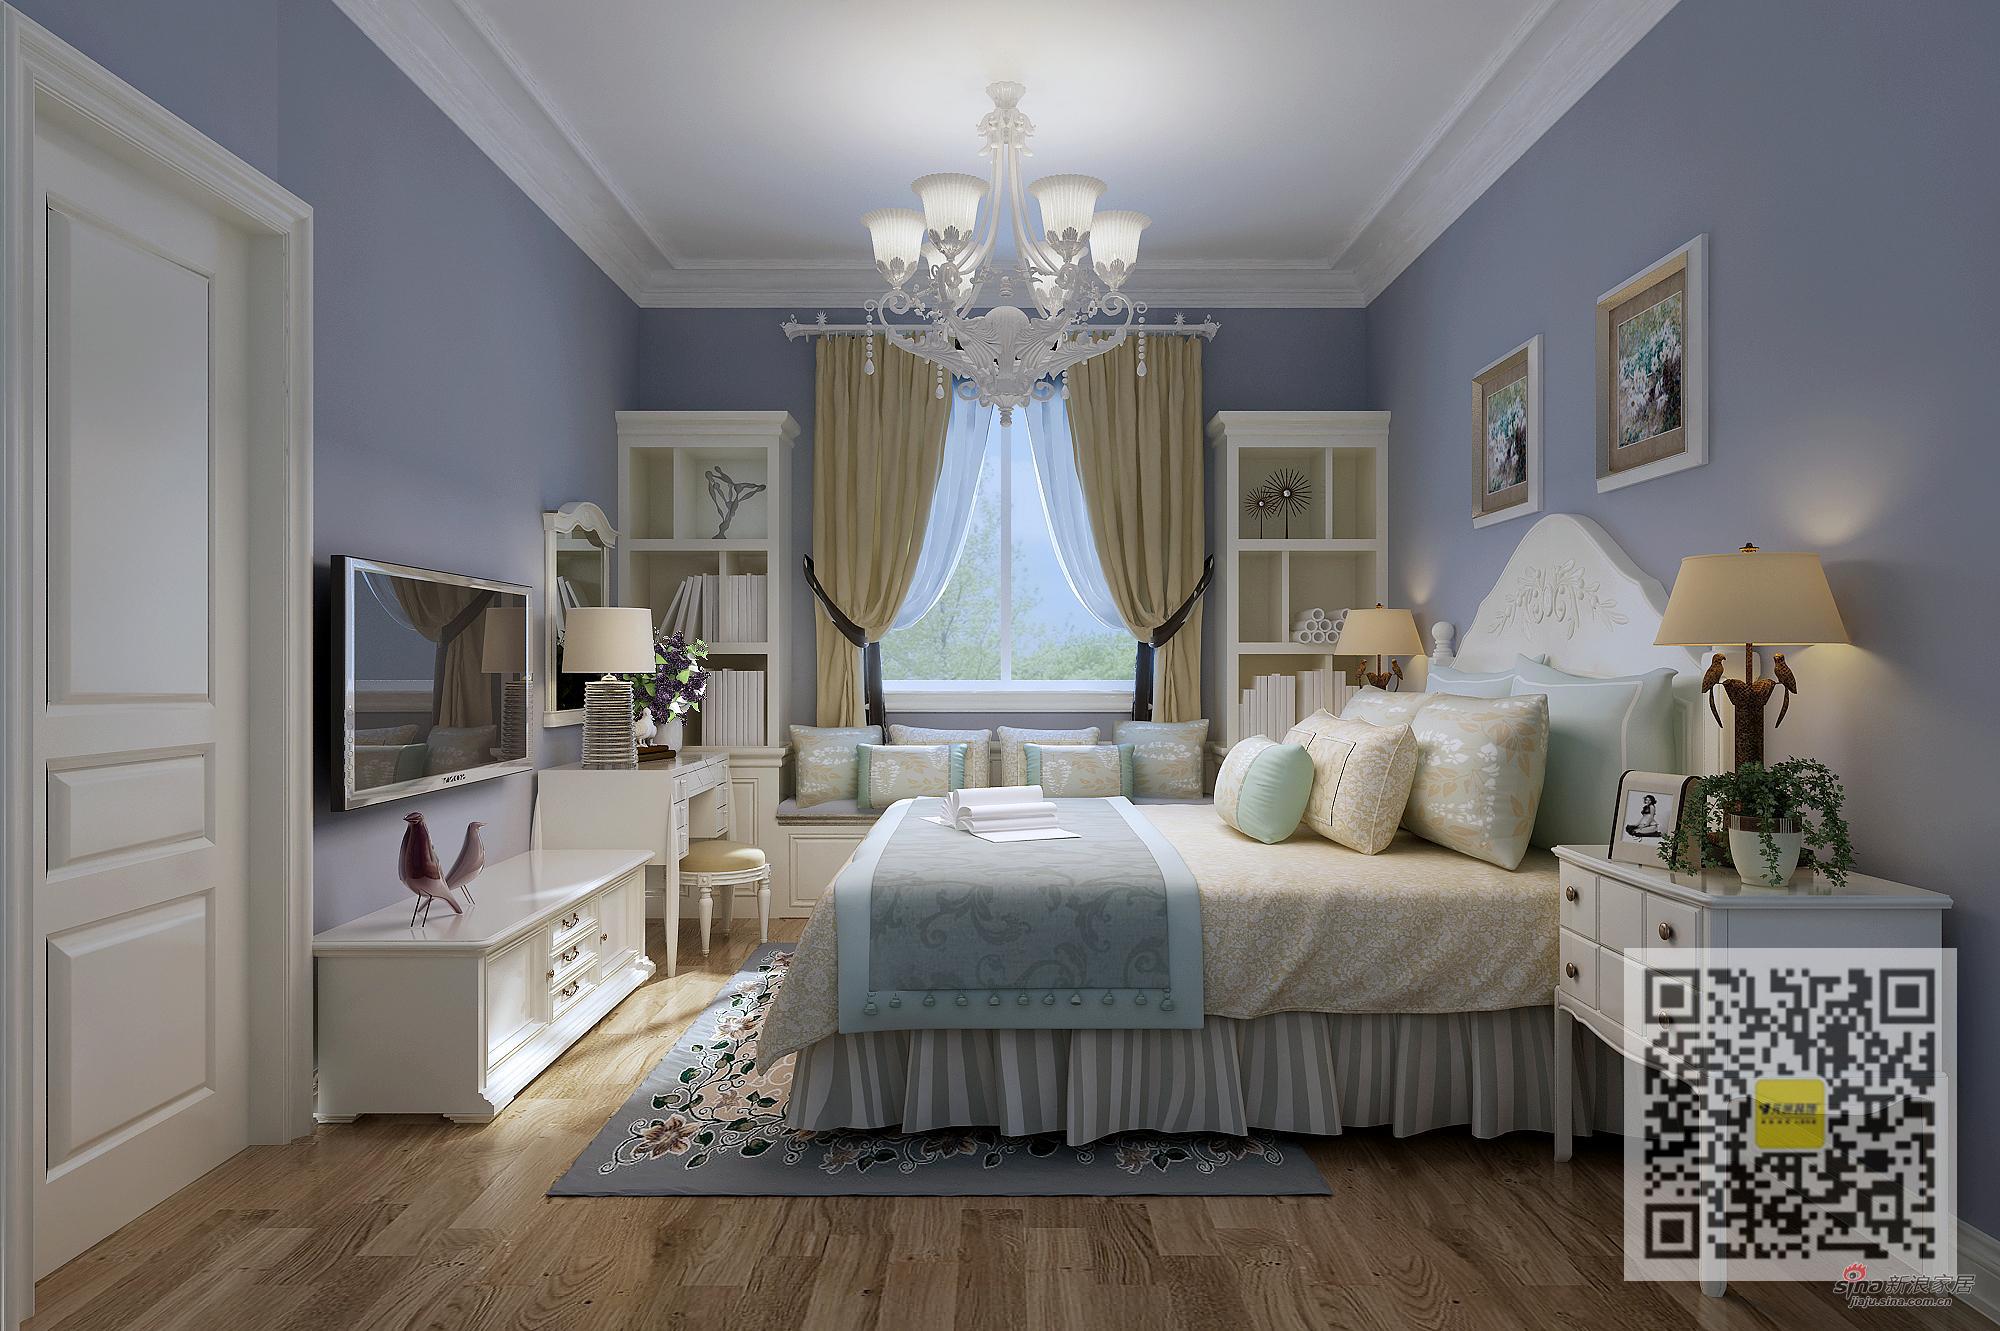 欧式 别墅 卧室图片来自用户2746869241在欧式风格别墅设计76的分享